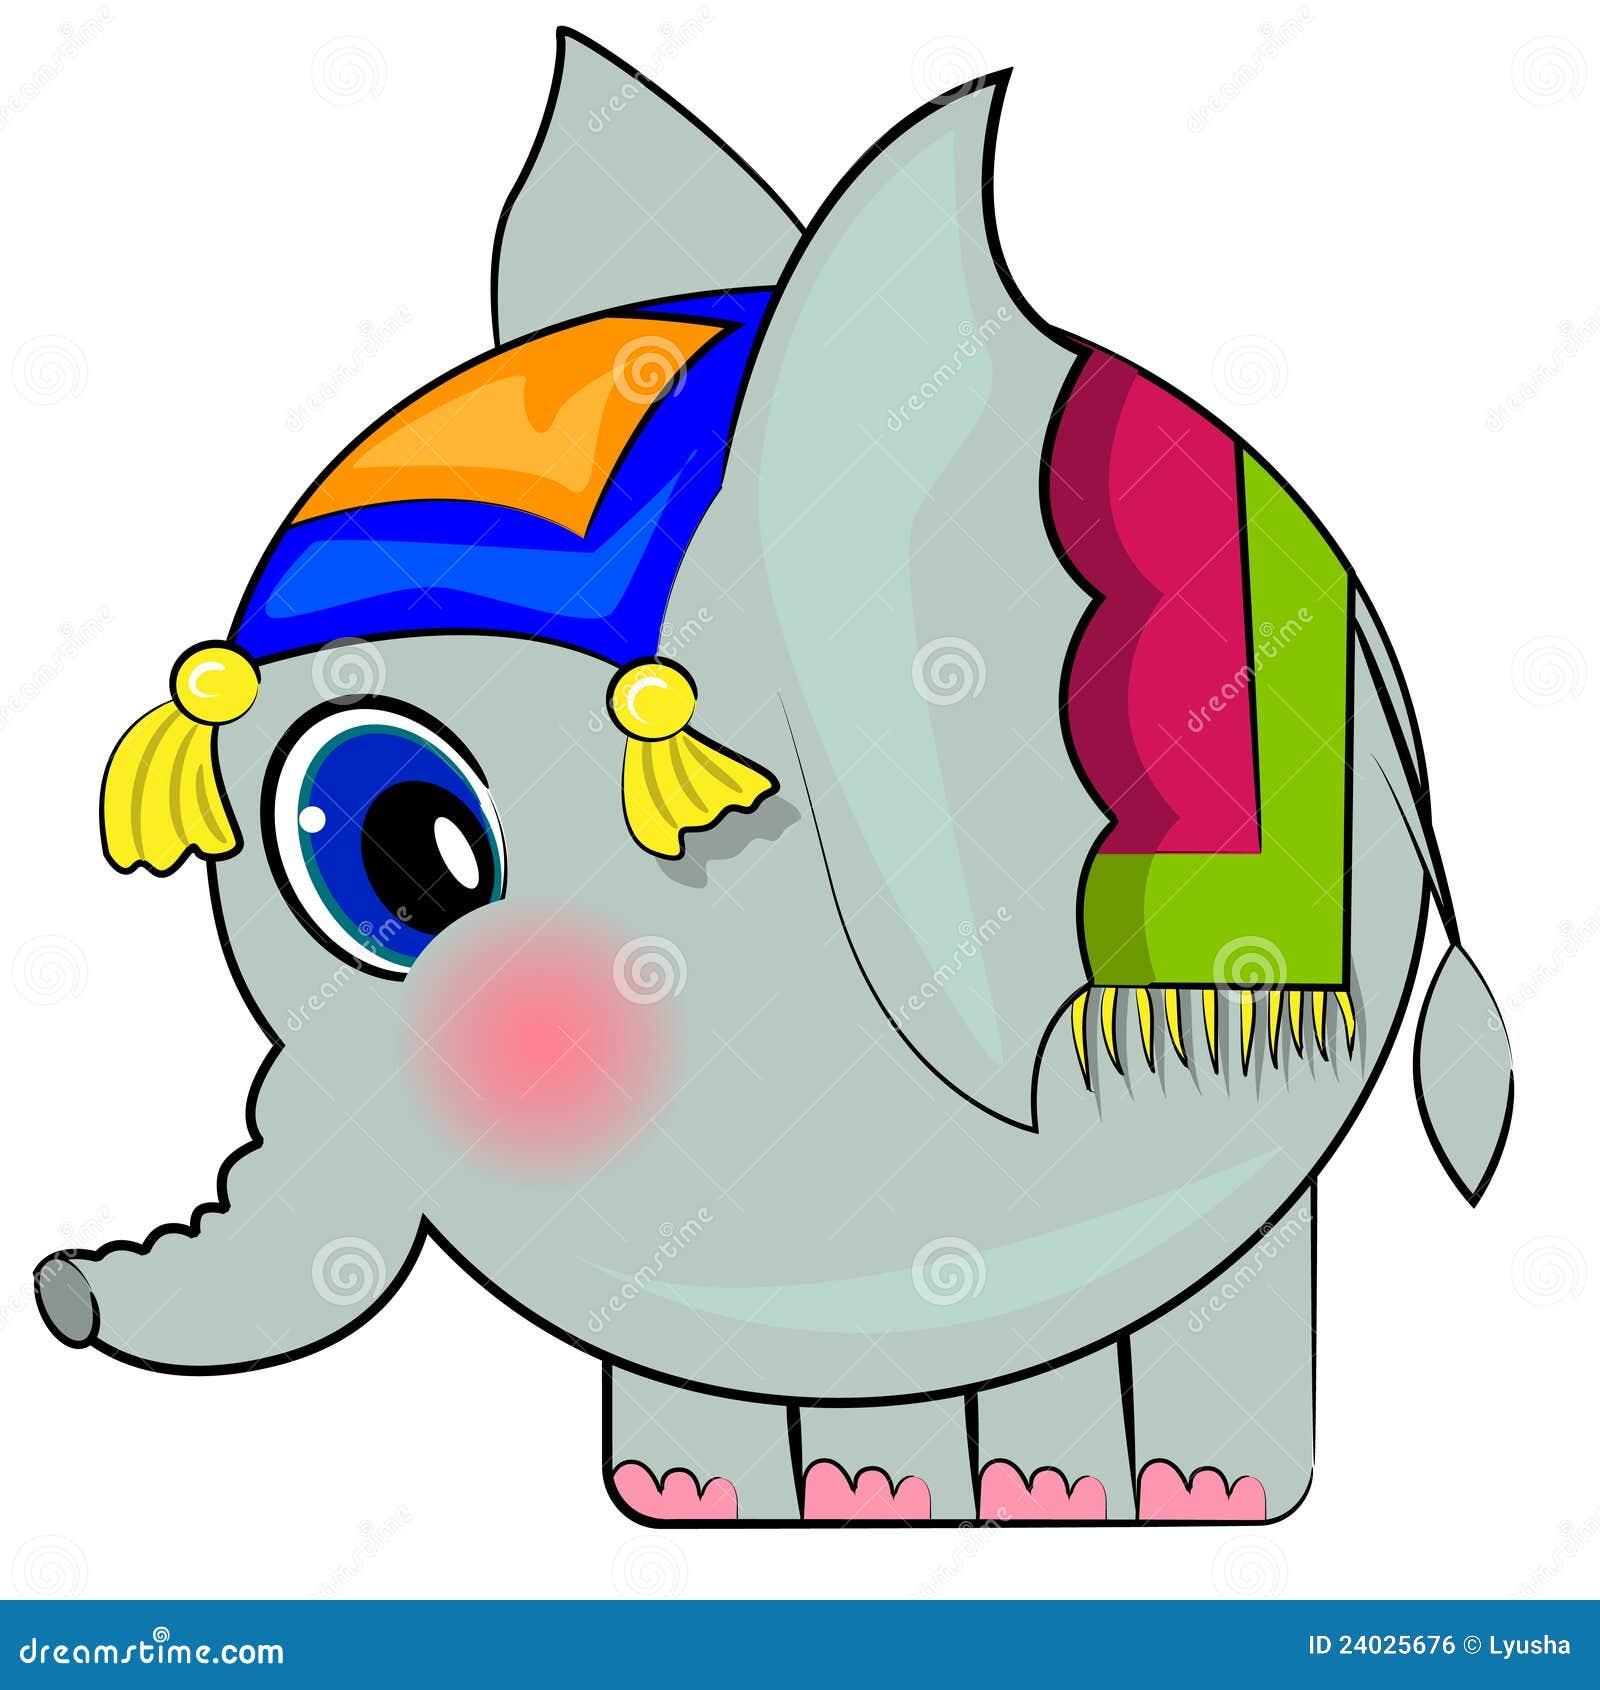 Cartoon Elephant. Funny Indian Elephant Royalty Free Stock Image ...